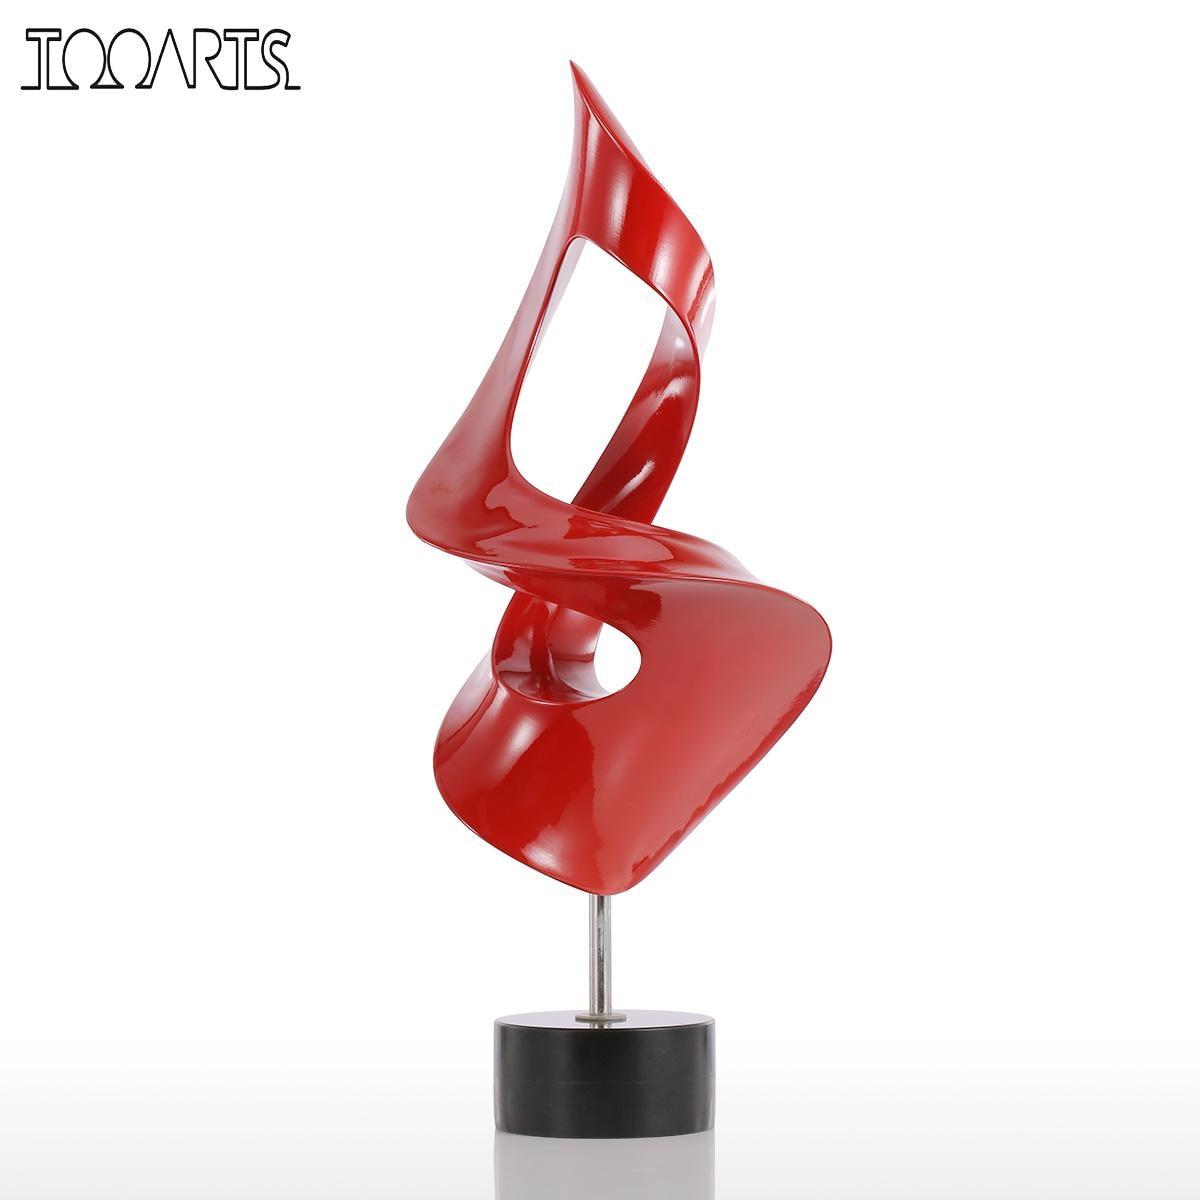 Tooarts Tomfeel antorcha pequeña escultura moderna escultura abstracta escultura de resina decoración del hogar Accesorios decoración miniatura-in Estatuas y esculturas from Hogar y Mascotas    1